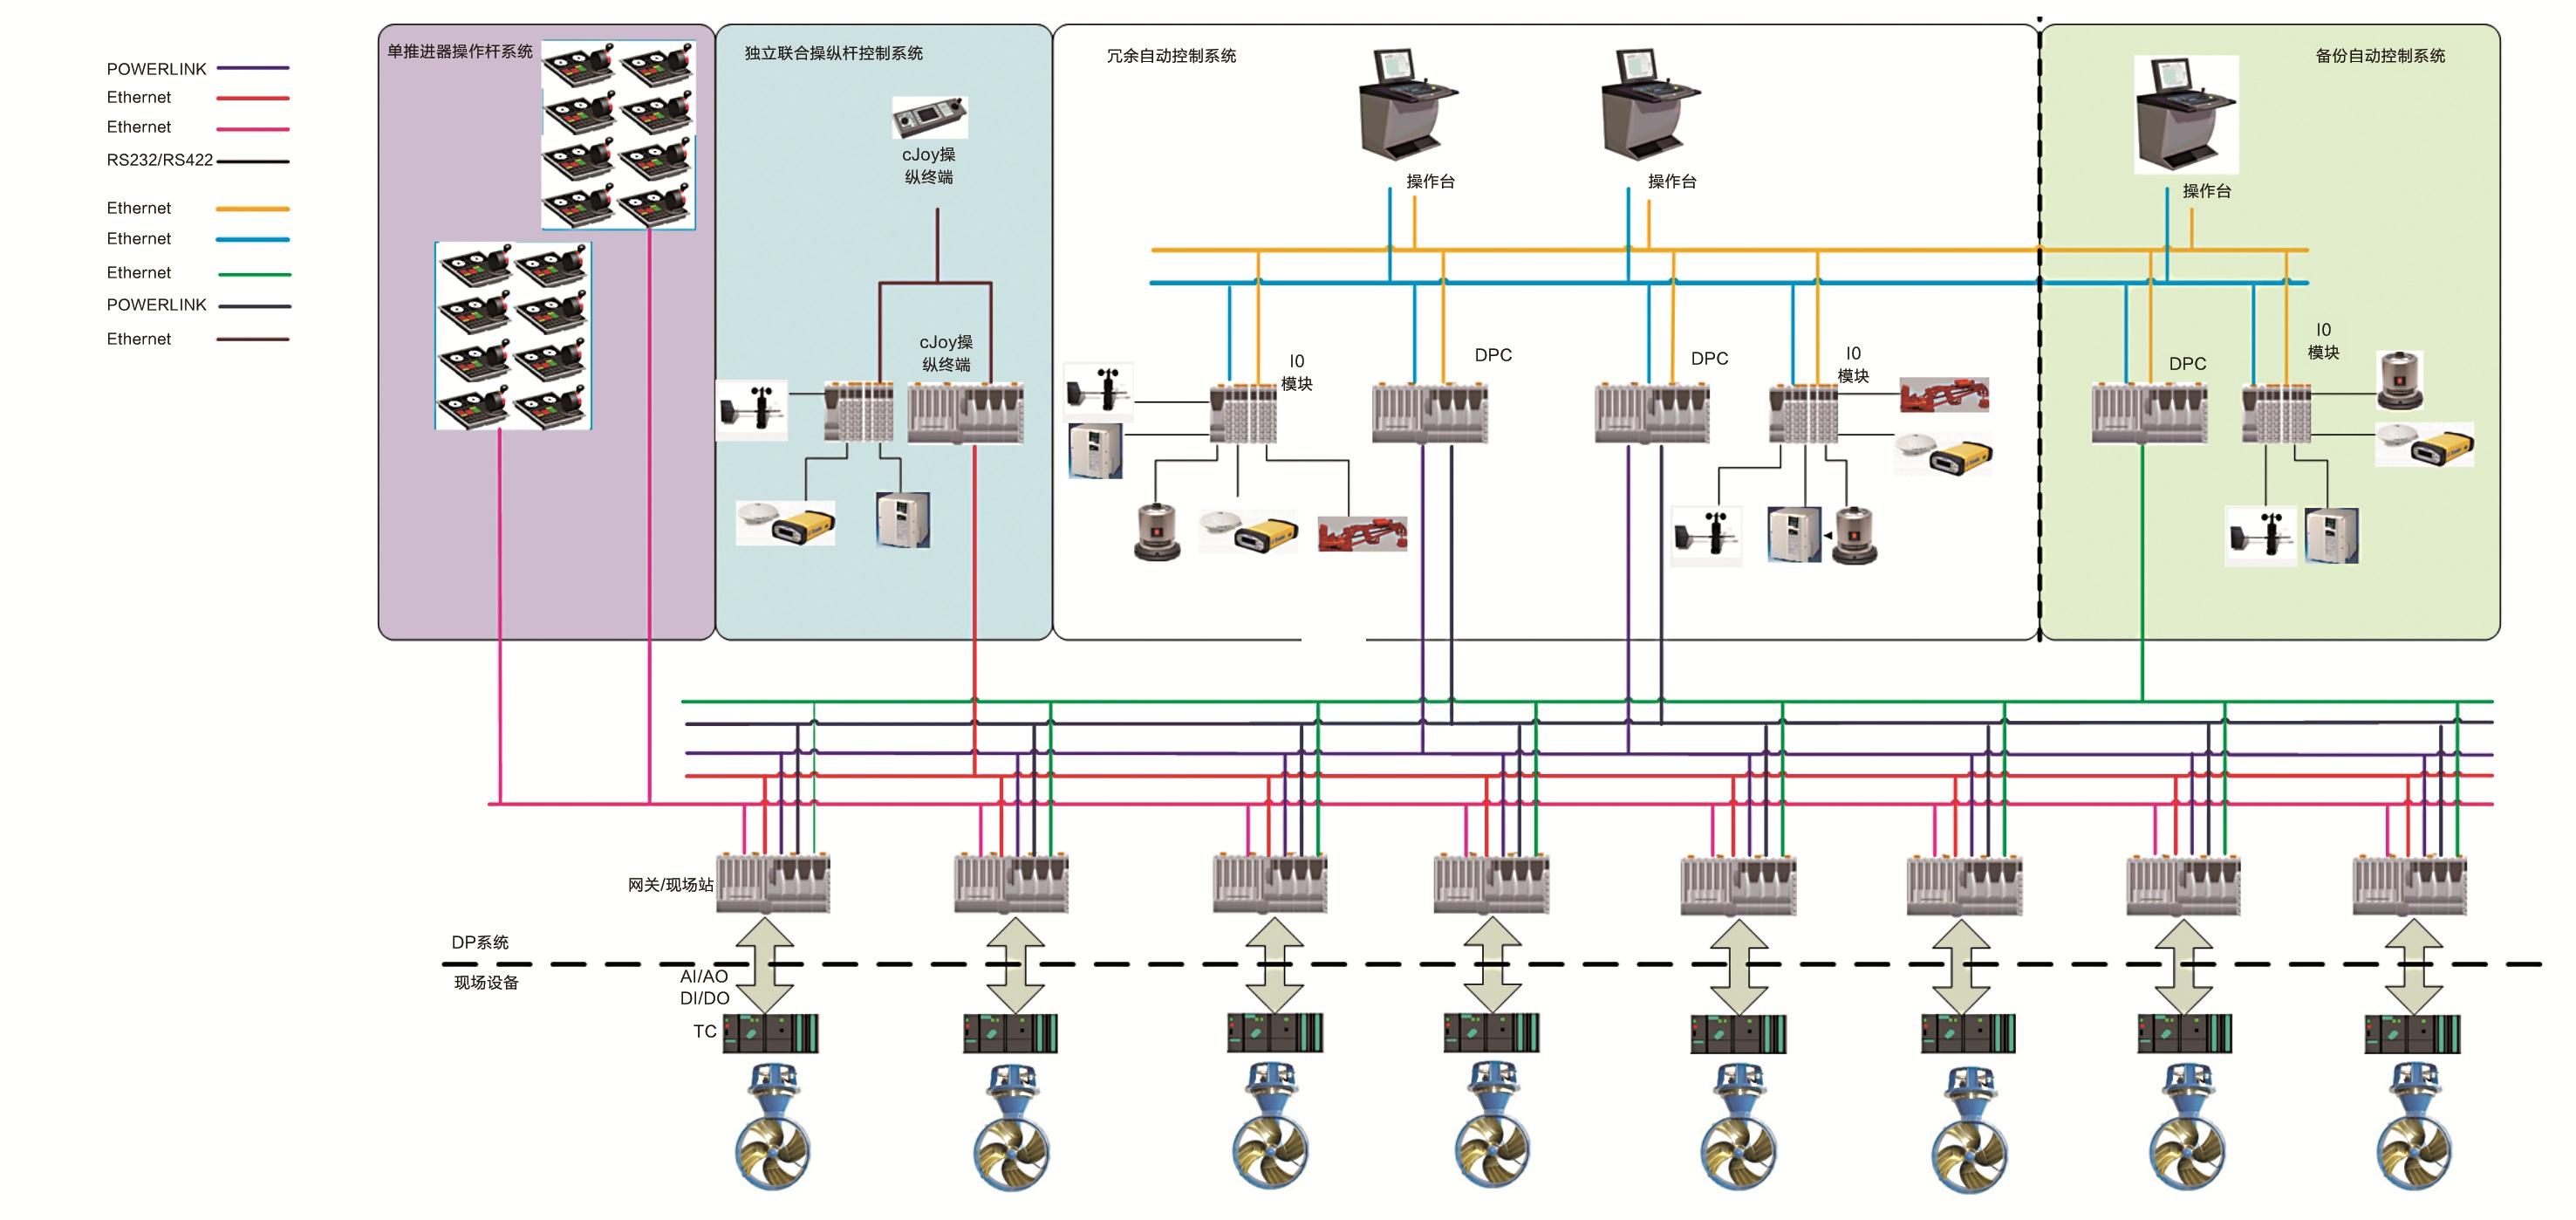 基于贝加莱双主站和双网络冗余PCC的船舶动力定位系统